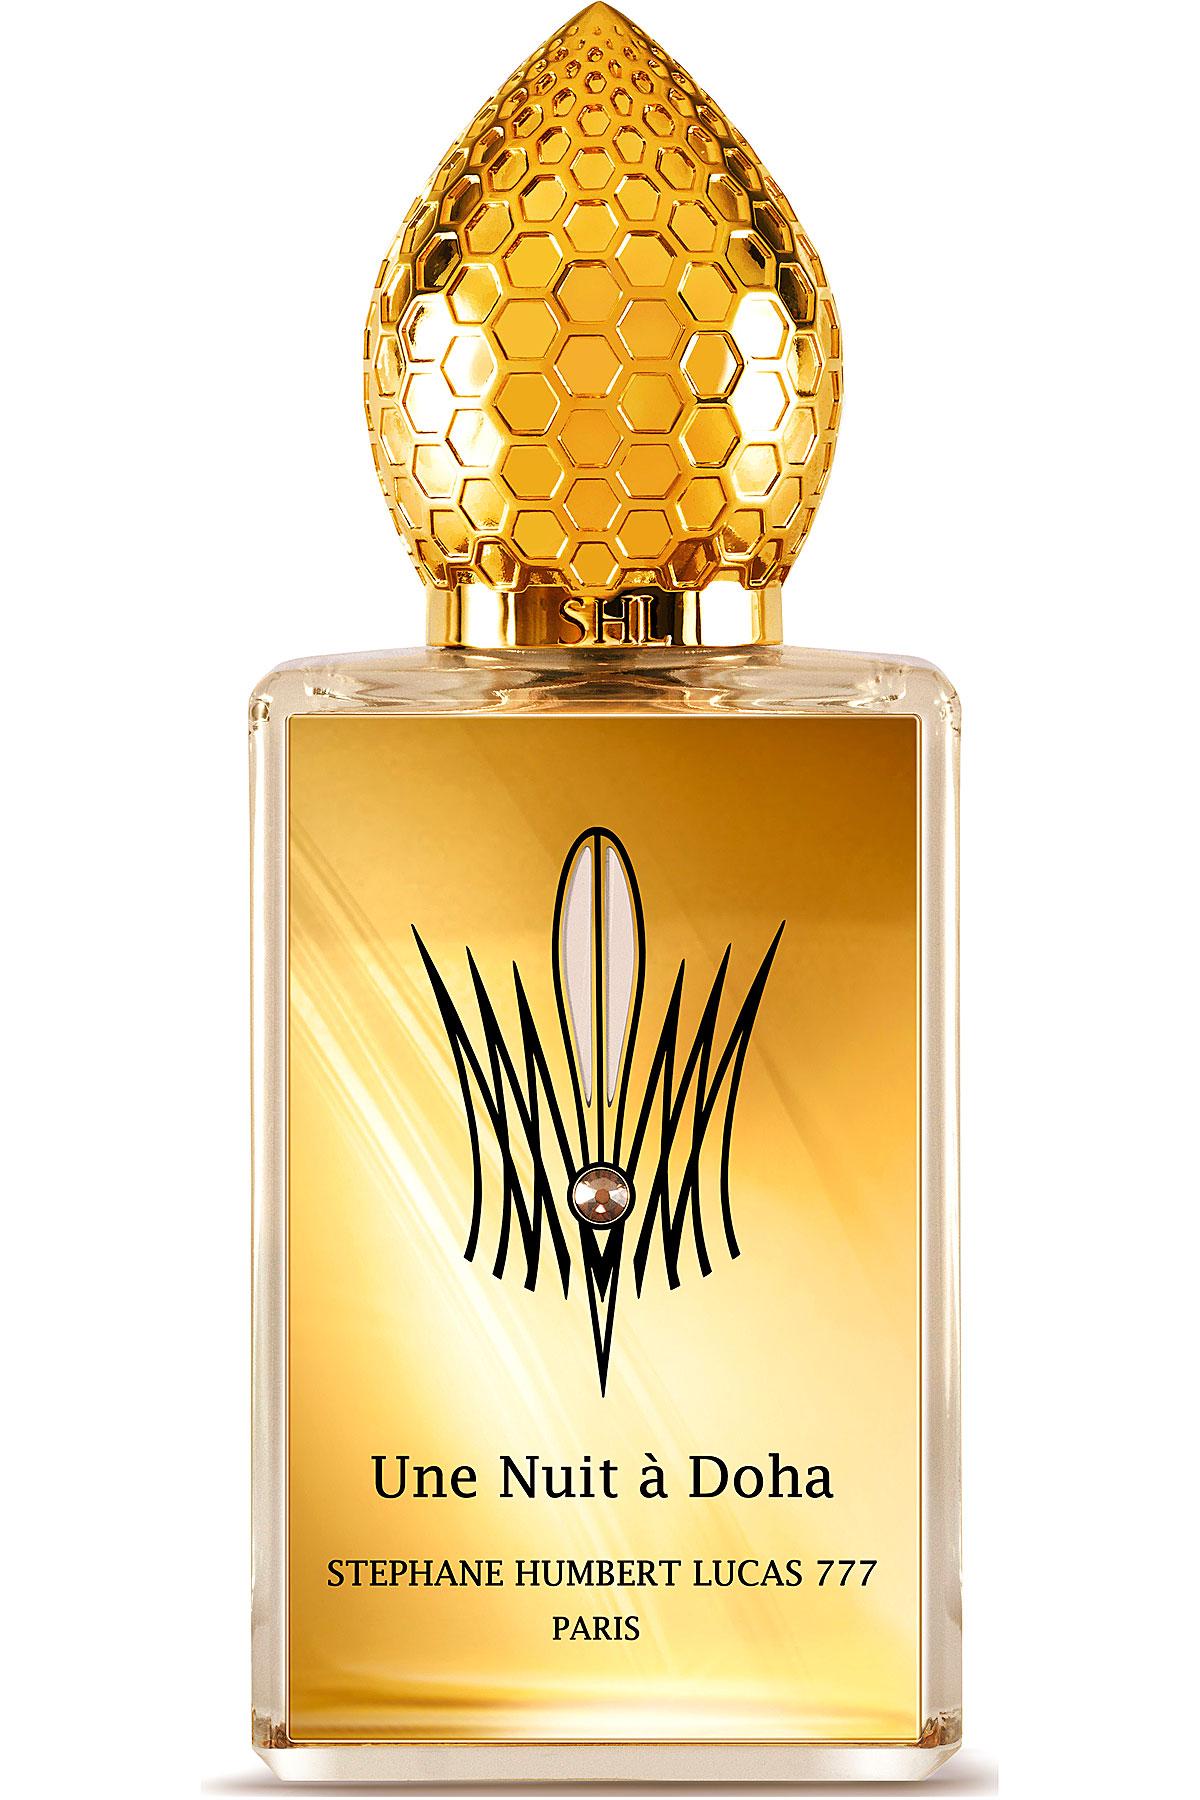 Stephane Humbert Lucas 777 Paris Fragrances for Women, Une Nuit A Doha - Eau De Parfum - 50 Ml, 2019, 50 ml